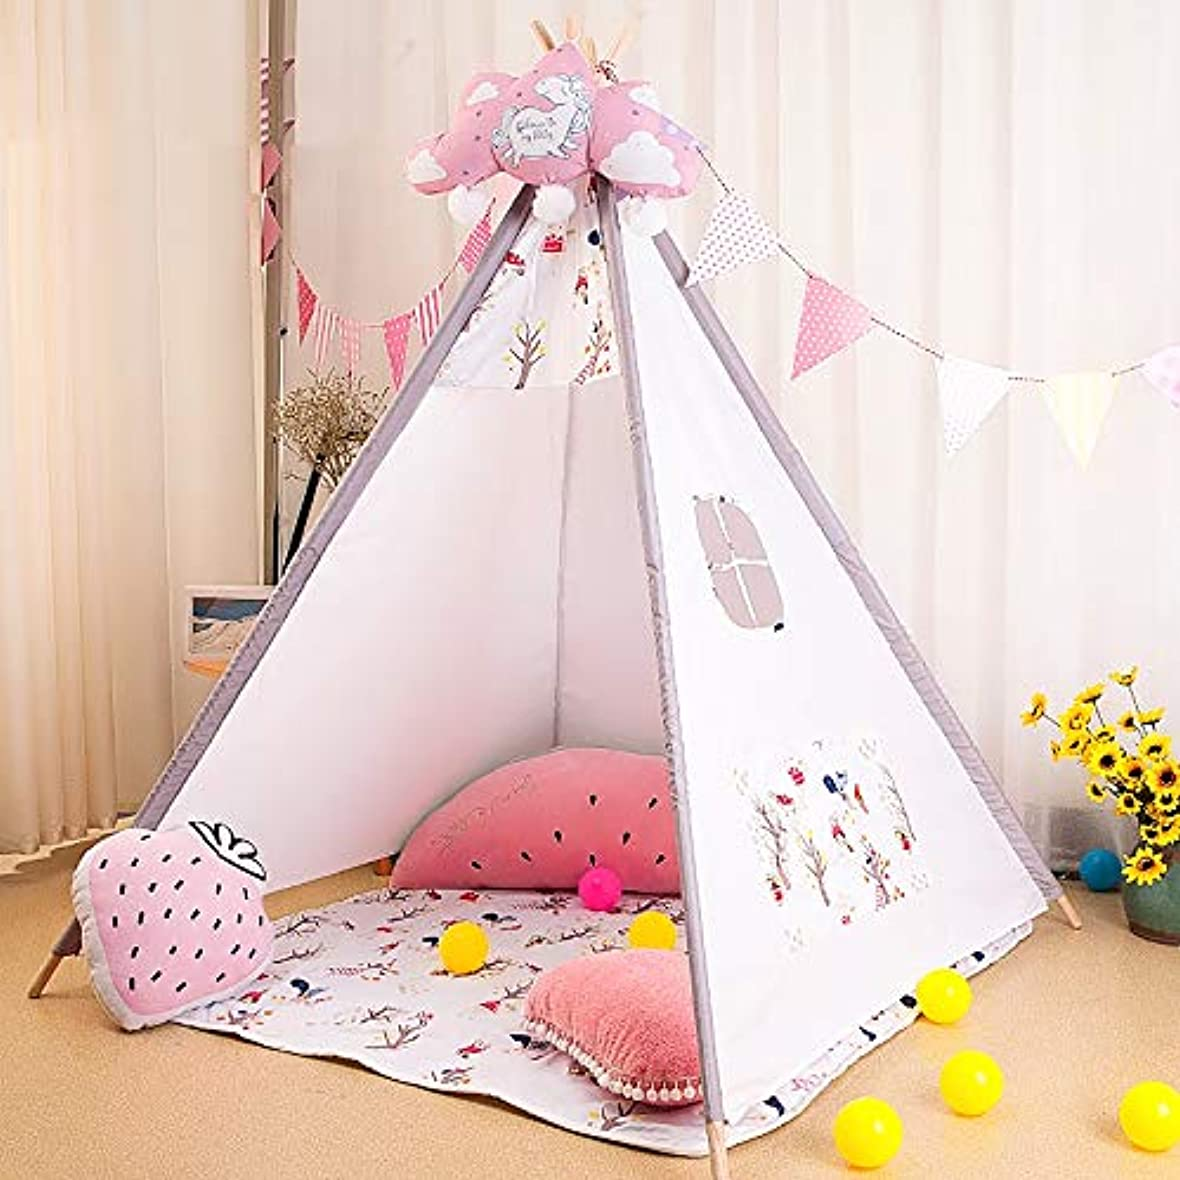 母寛大なつまらない子供のテント屋内女の子の赤ちゃんテントゲーム家インドの男の子のおもちゃの家、簡単にインストールテントは、窓、ポケット、および着色パターンが付属しています。,AnimalOrchard